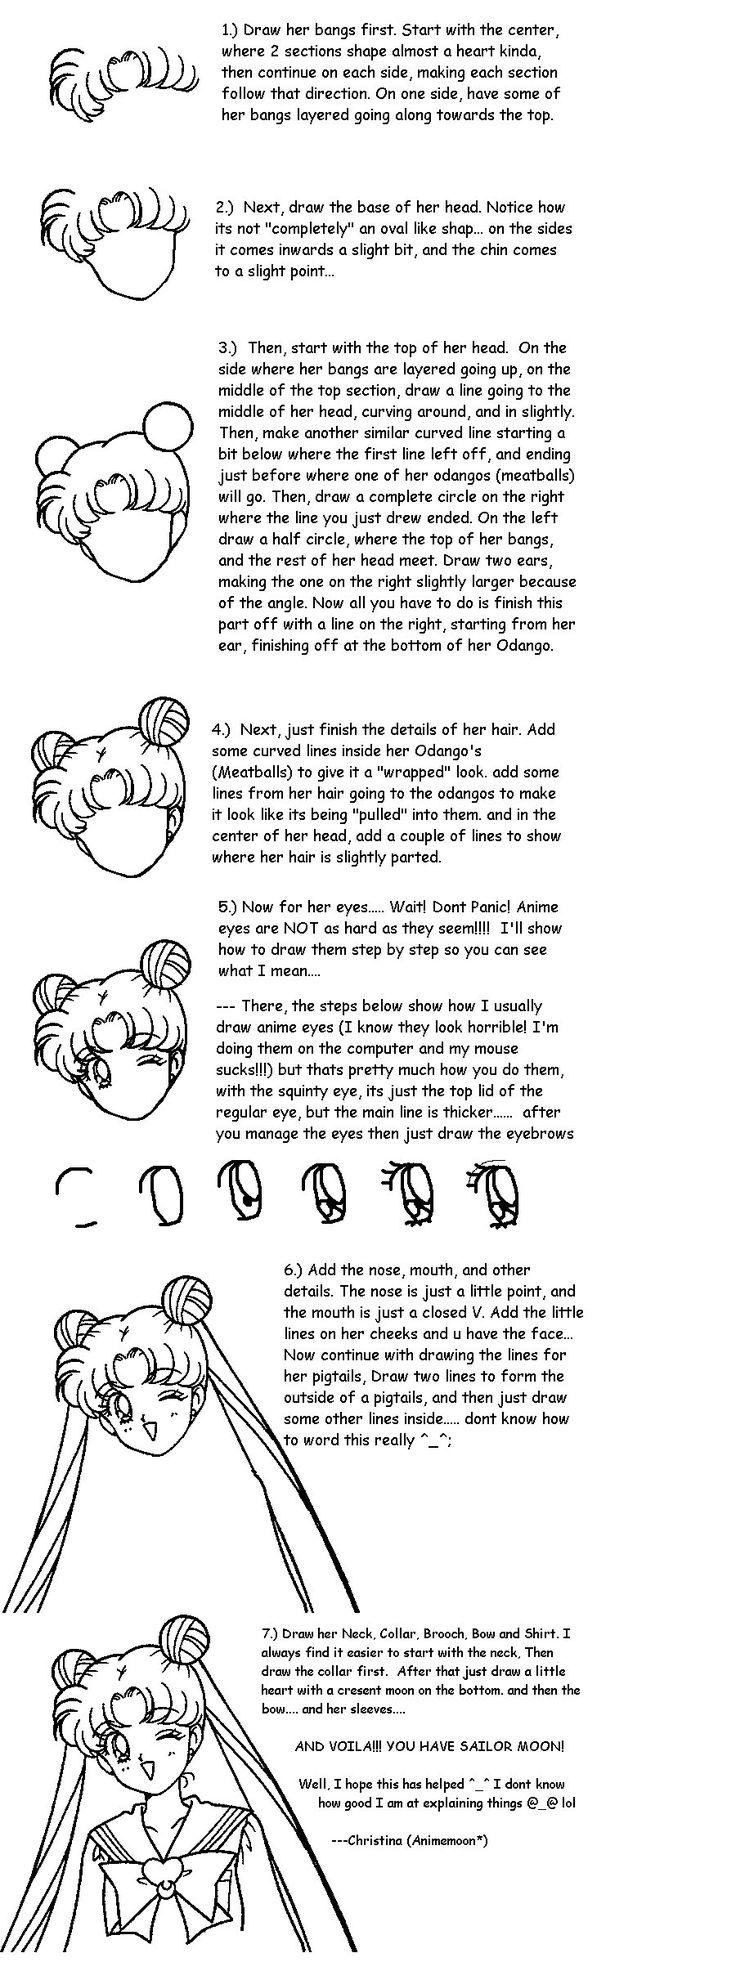 best 25 sailor moon crafts ideas only on pinterest sailor moon